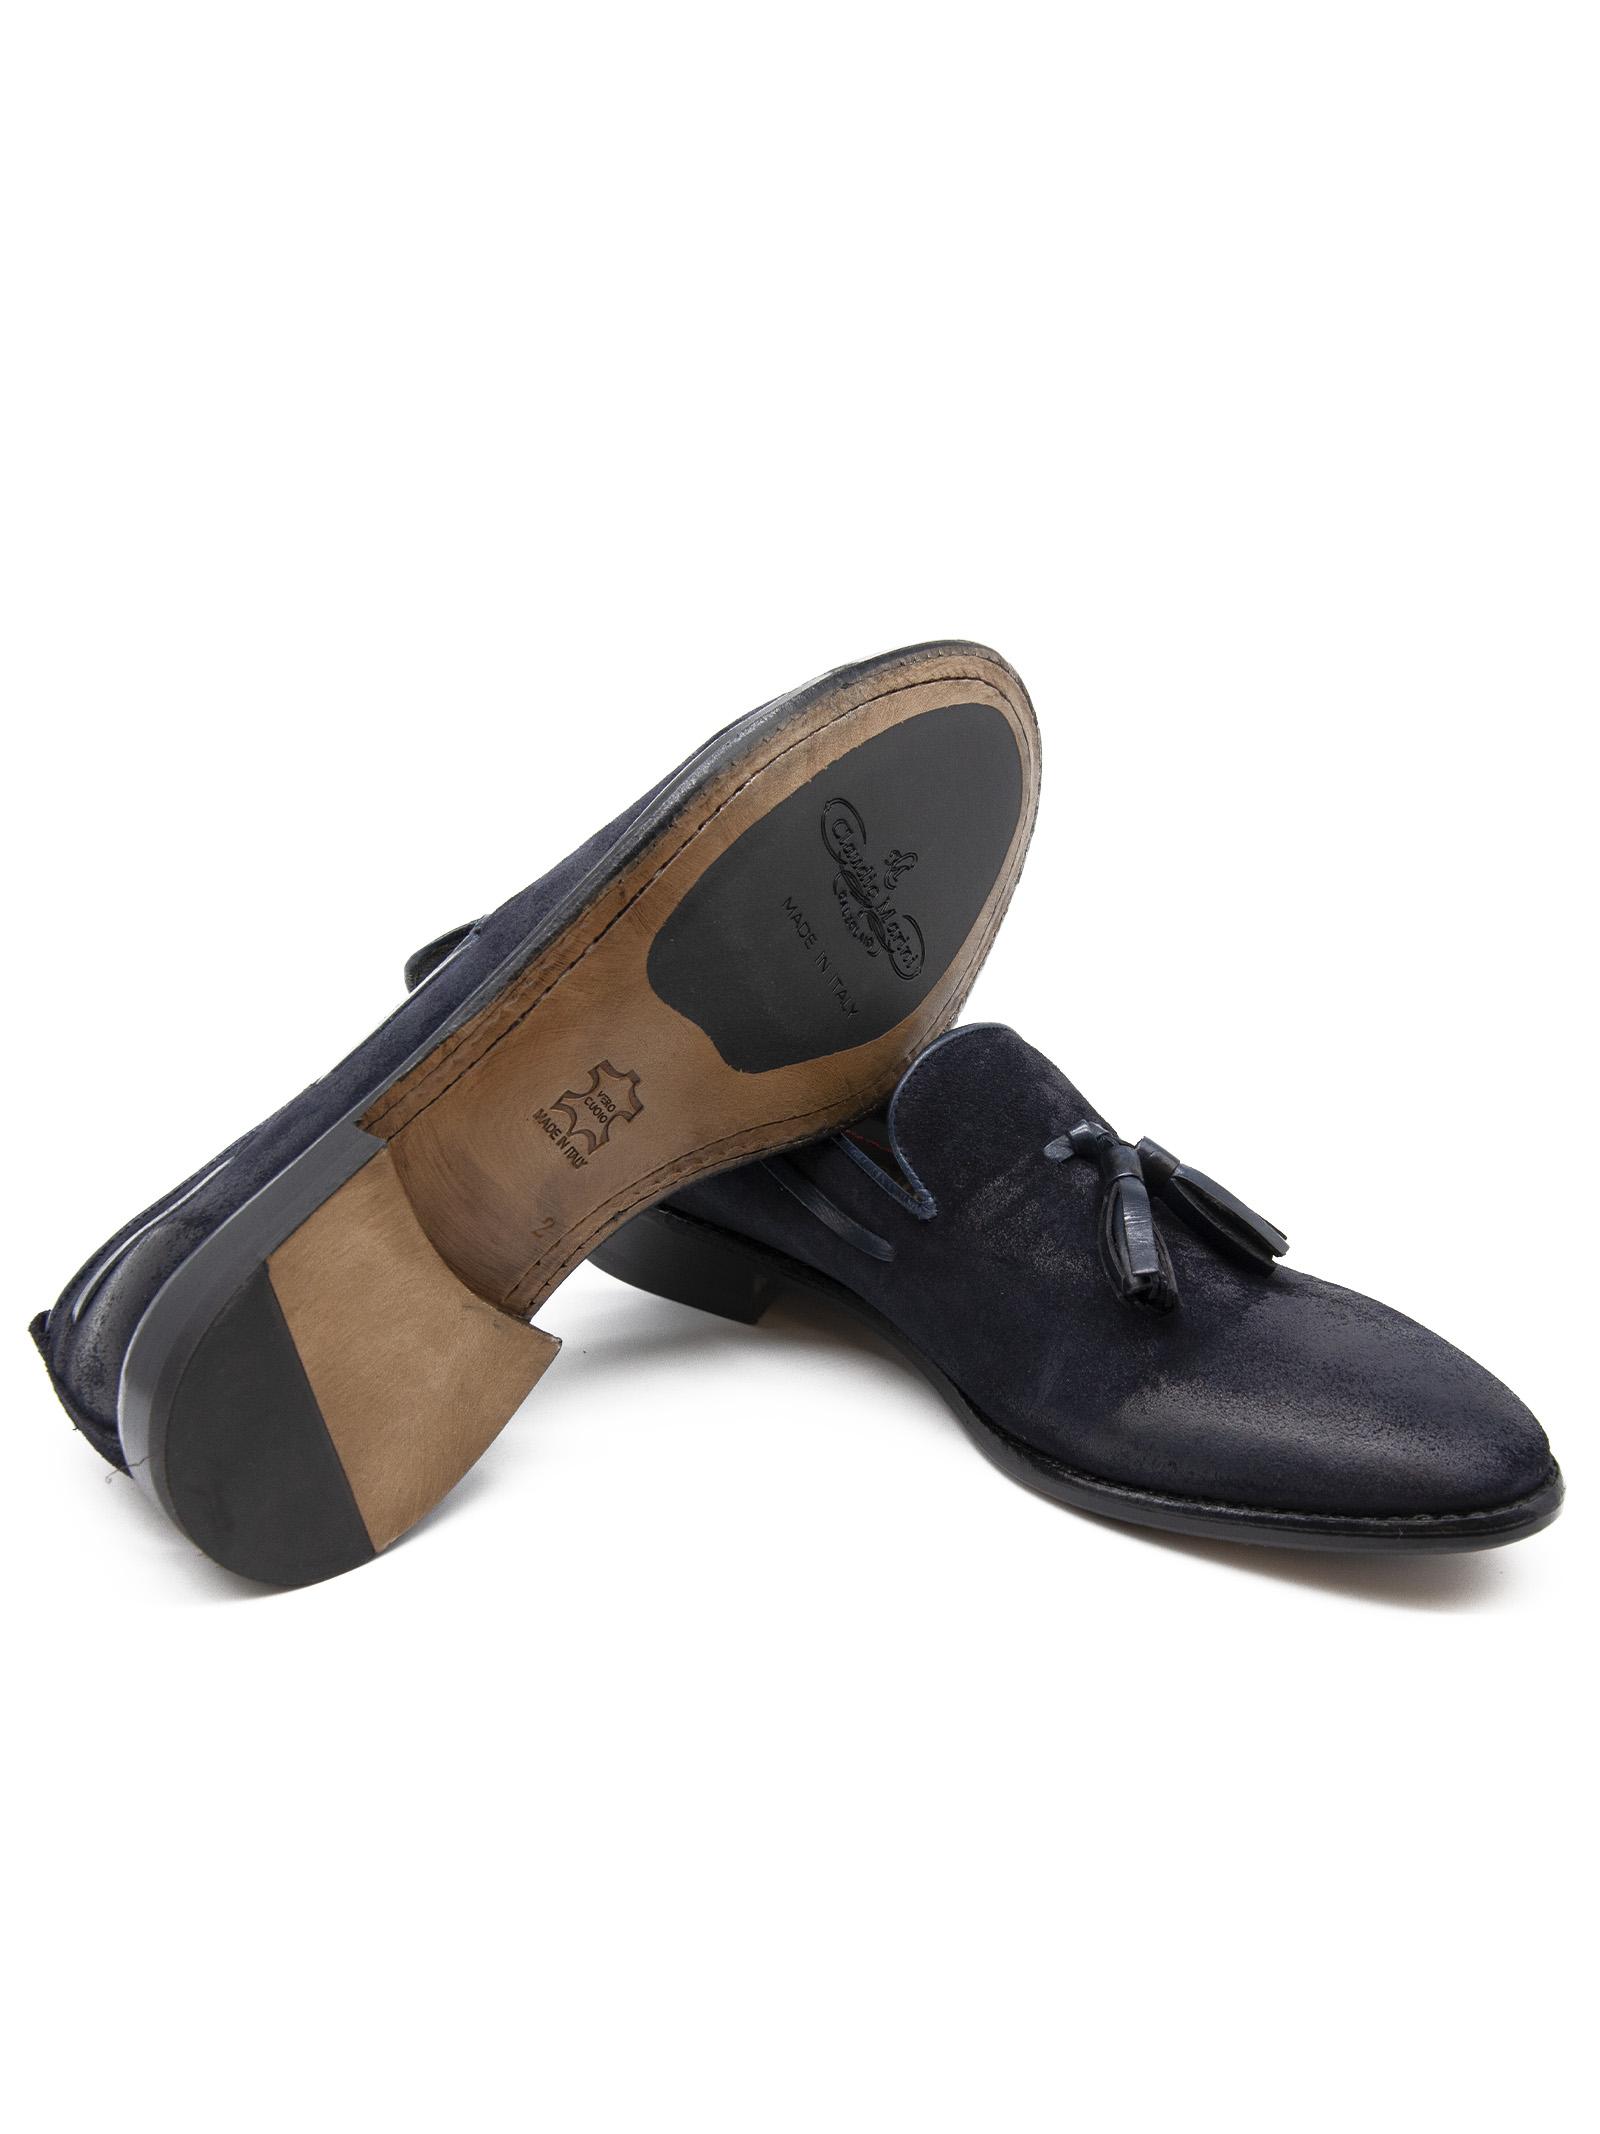 slippers nappino MARINI | 921336138 | 8171COTTO BLU